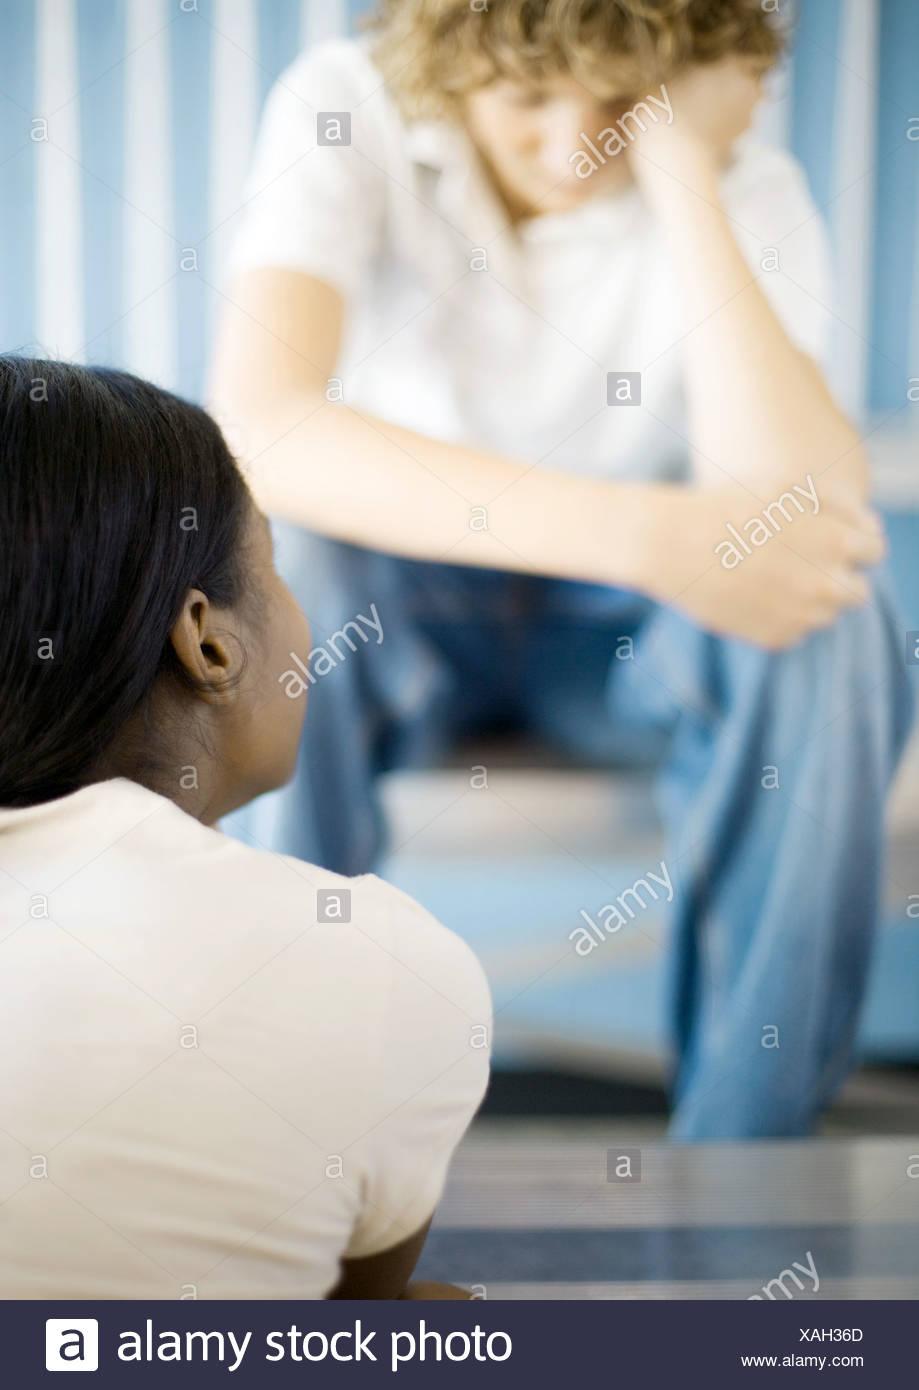 Jeune garçon assis, la tête en bas, en face de teen girl Banque D'Images